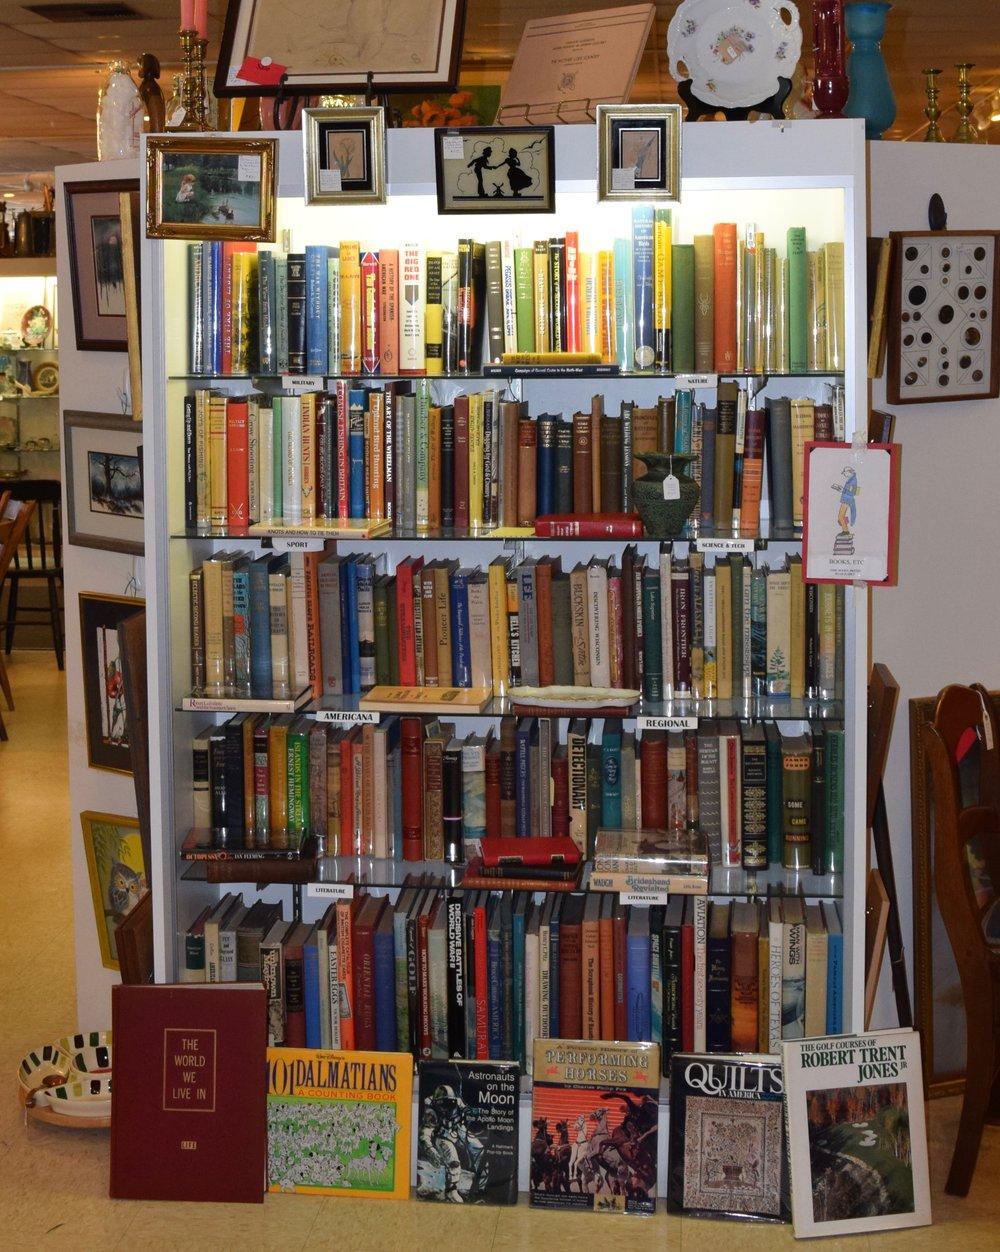 Wonderful Assortment of Unique Books